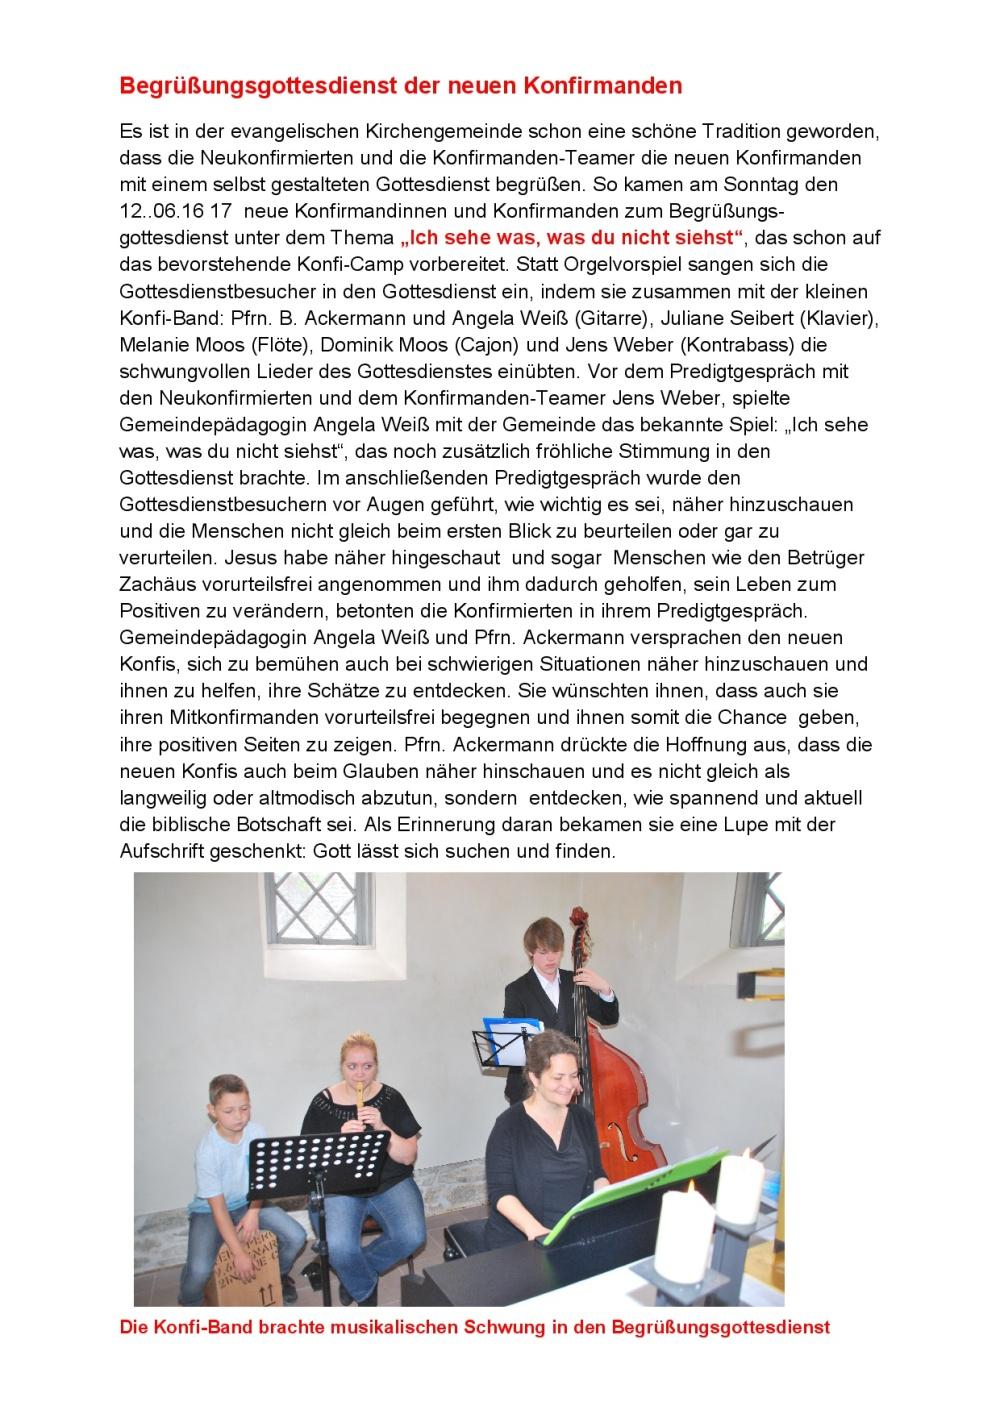 2016-06-12-begrusungsgd-001